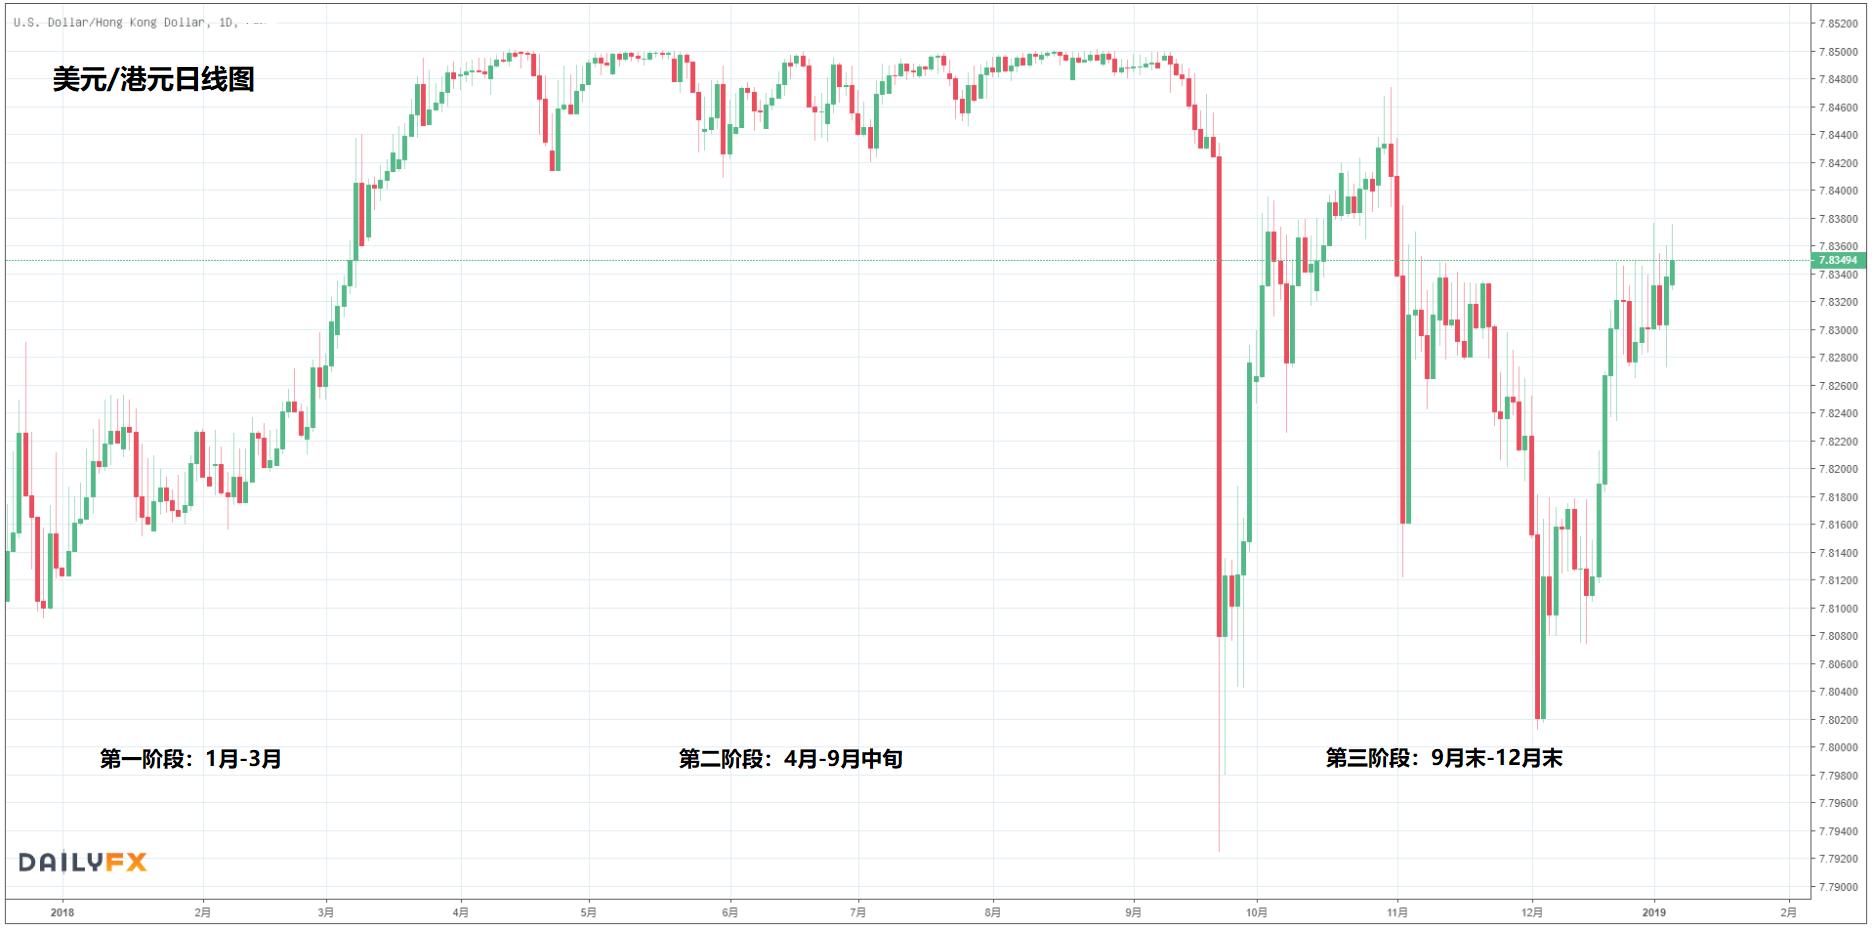 2018年港元汇率走势分析(以美元兑港元汇率为例)